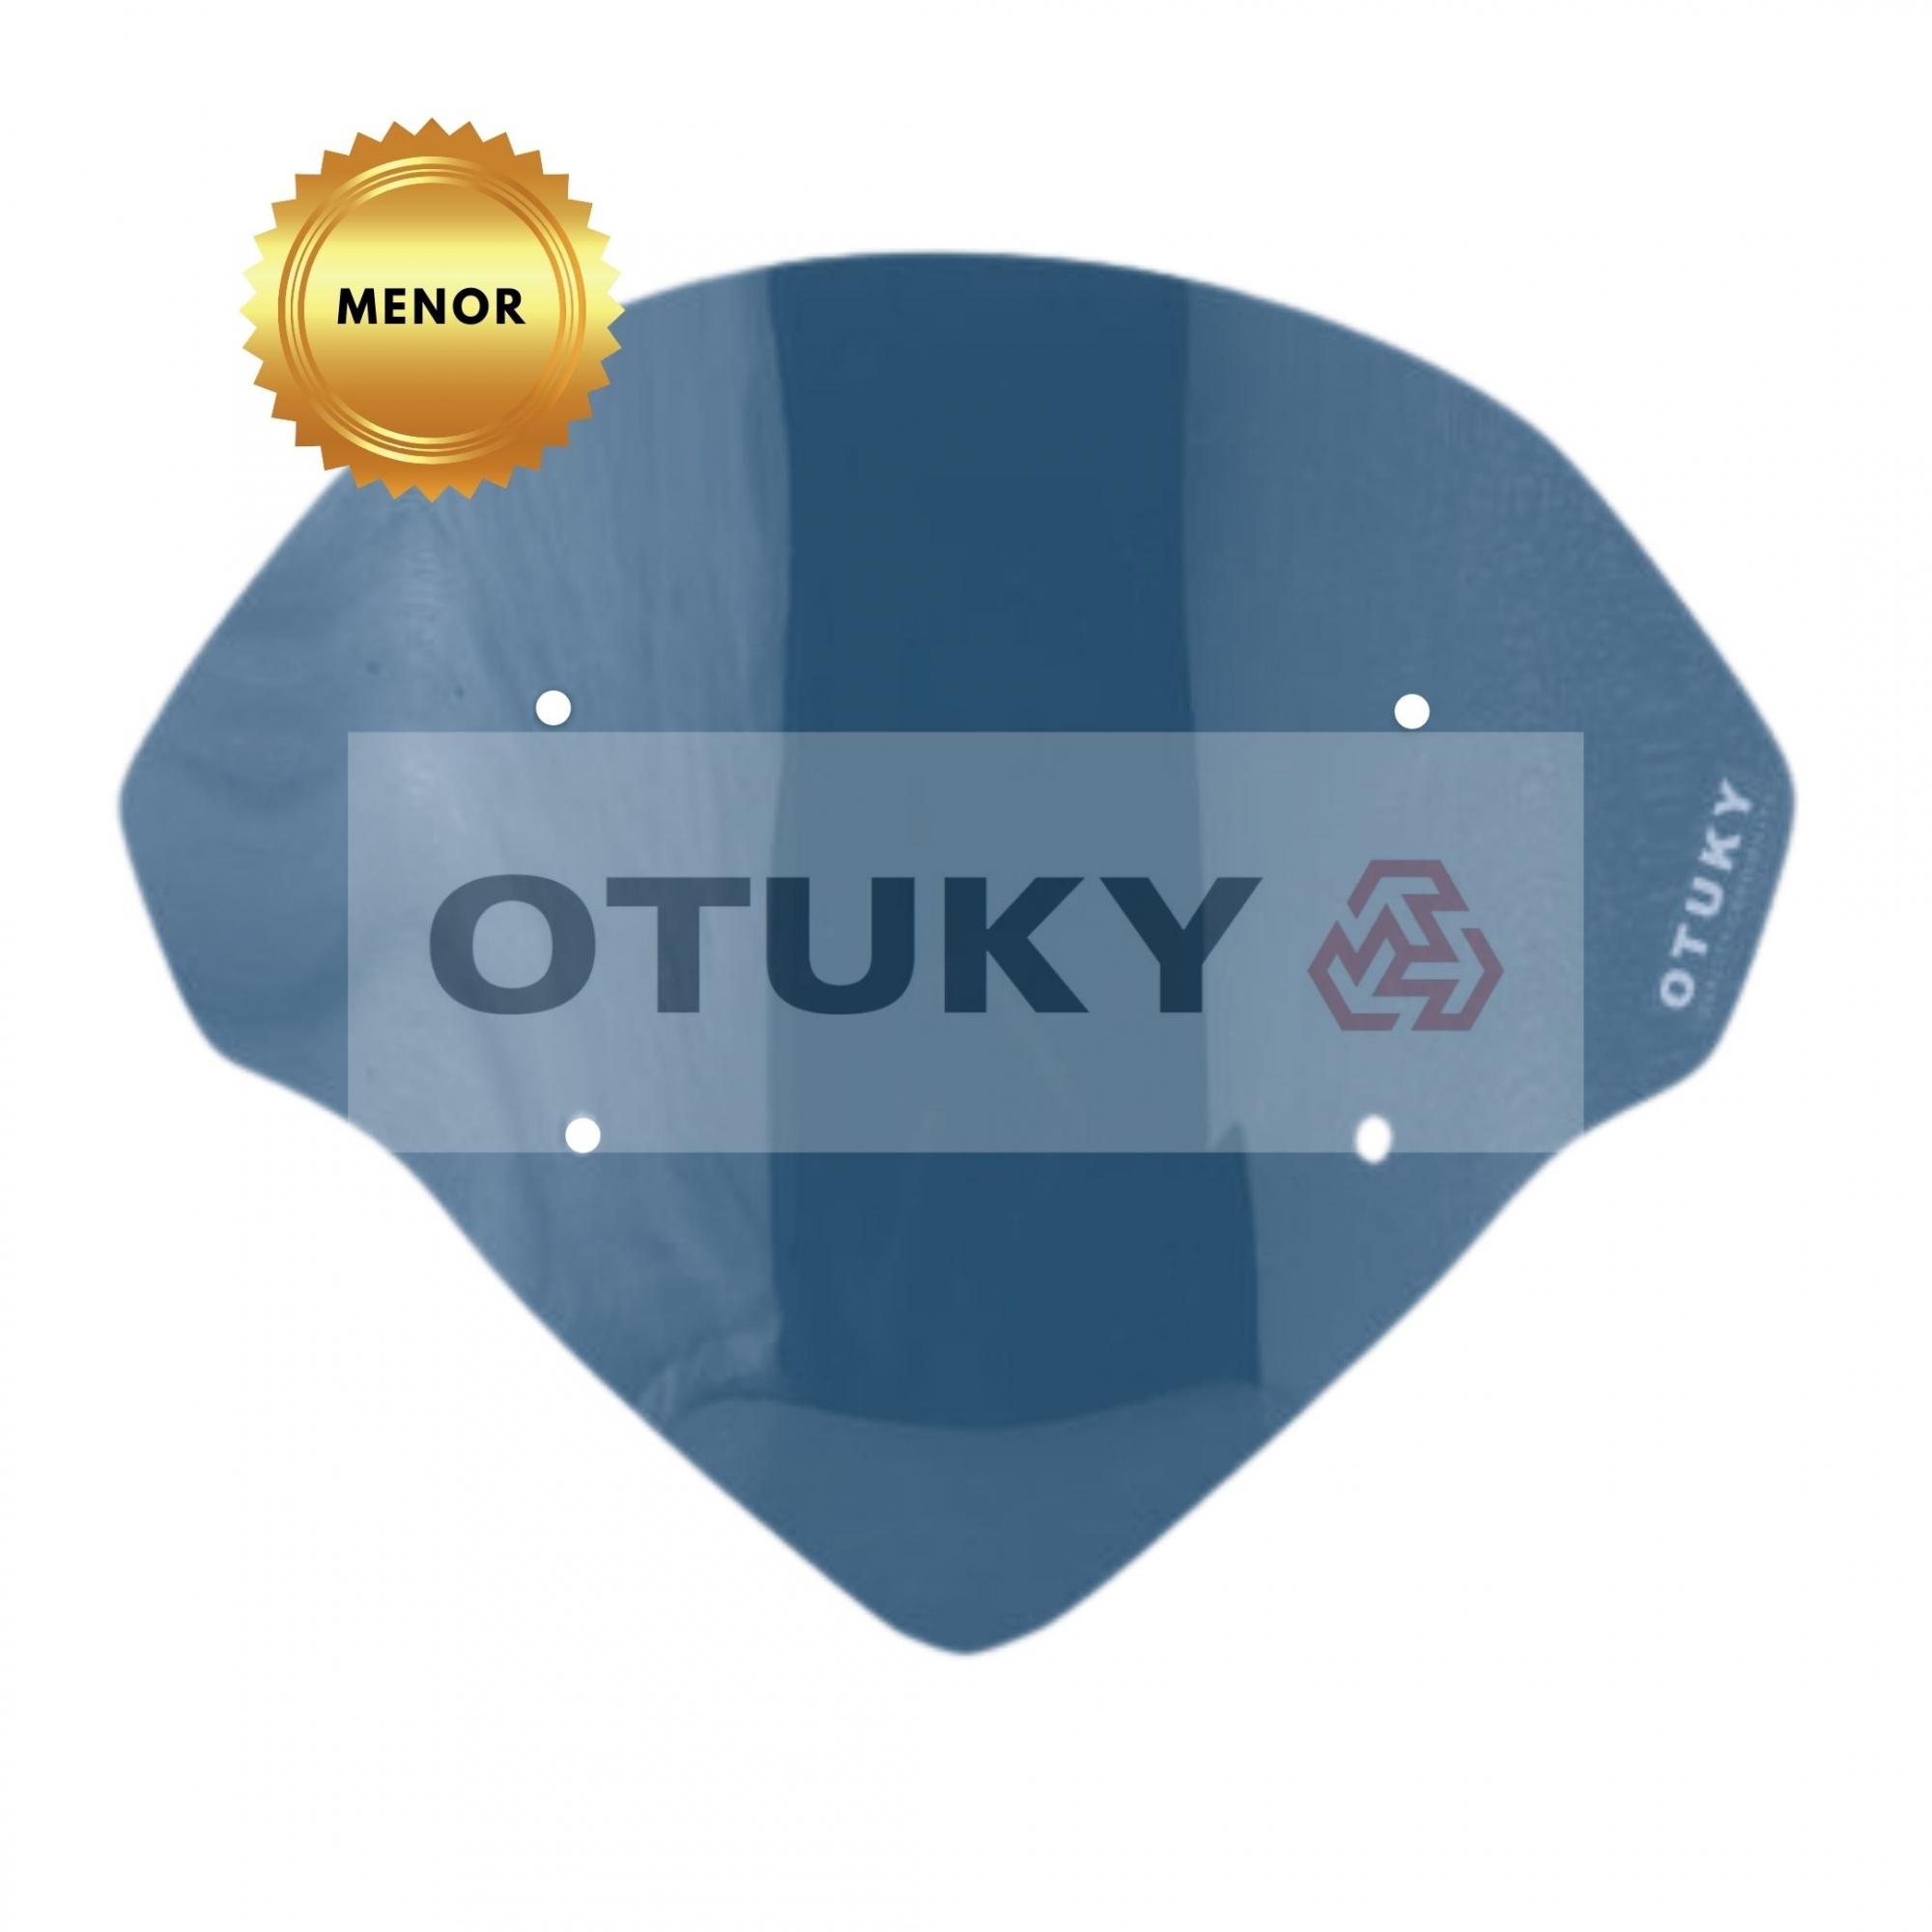 Bolha para Moto Ténéré 250 XTZ 2011 2012 2013 2014 2015 2016 2017 2018 Menor Otuky